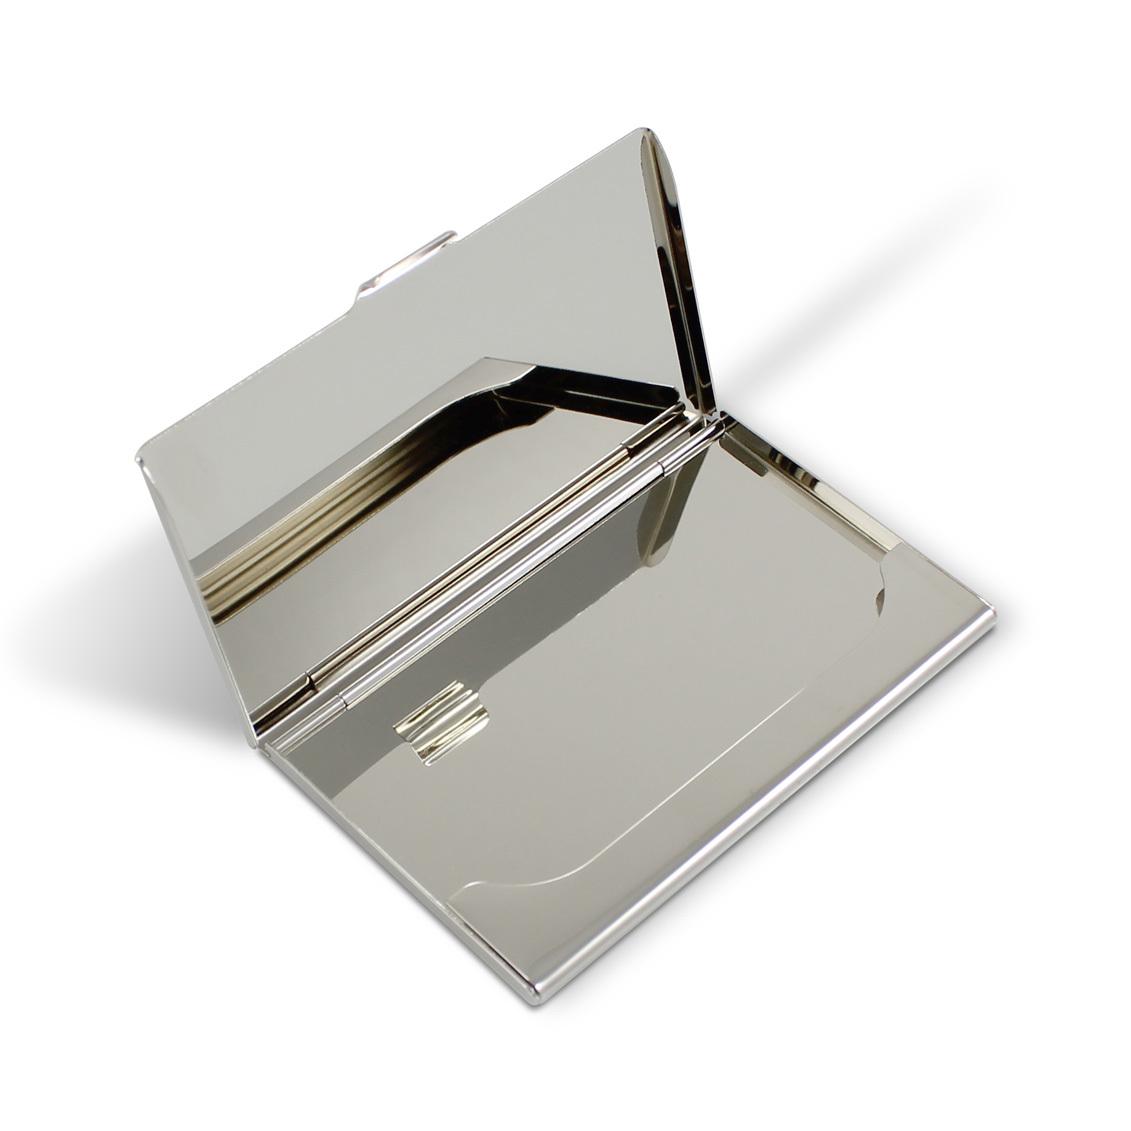 ACME(アクメ)カードケース ブロブニック カリムラシッド デザイン 名刺入れ ギフト 送料無料